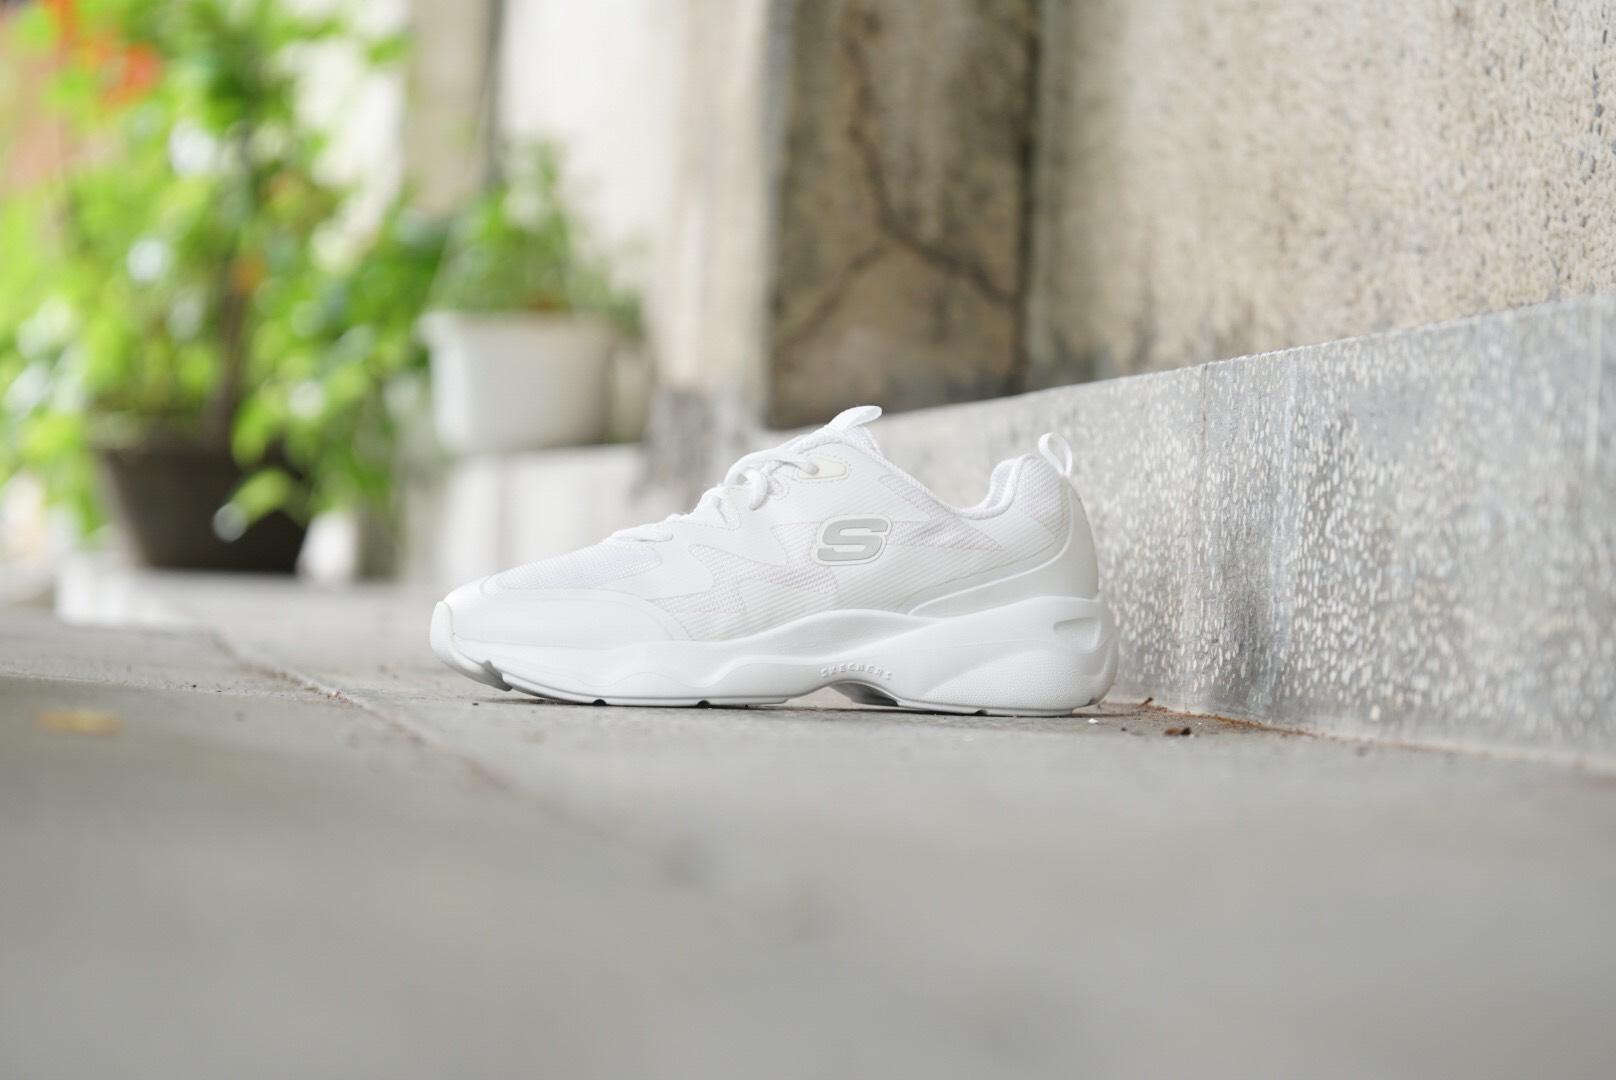 [Giày 2hand] Giày Thể Thao SKECHERS D' LITES SN 88888155 GIÀY CŨ CHÍNH HÃNG